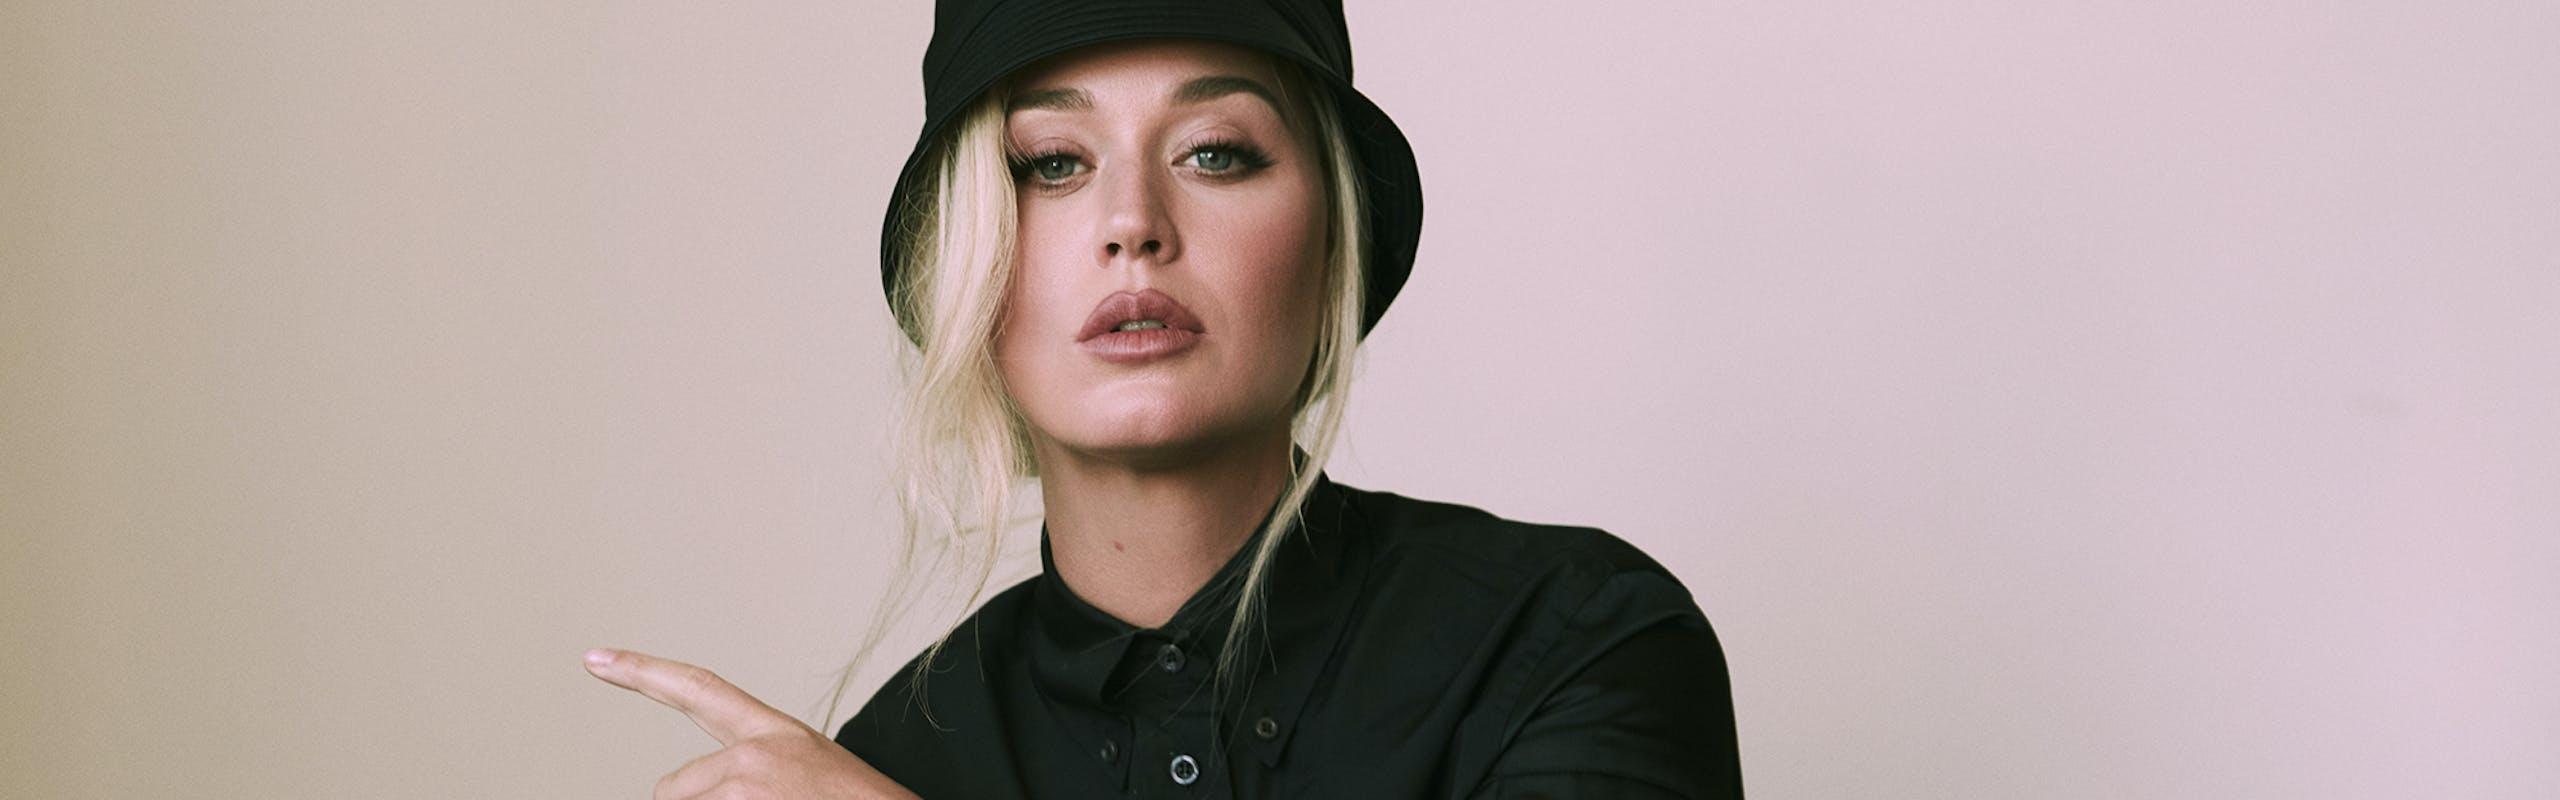 Nella foto Katy Perry fotografata da Greg Swales per L'OFFICIEL Italia Summer 2021. Abito, scarpe, cappello e calze PRADA.